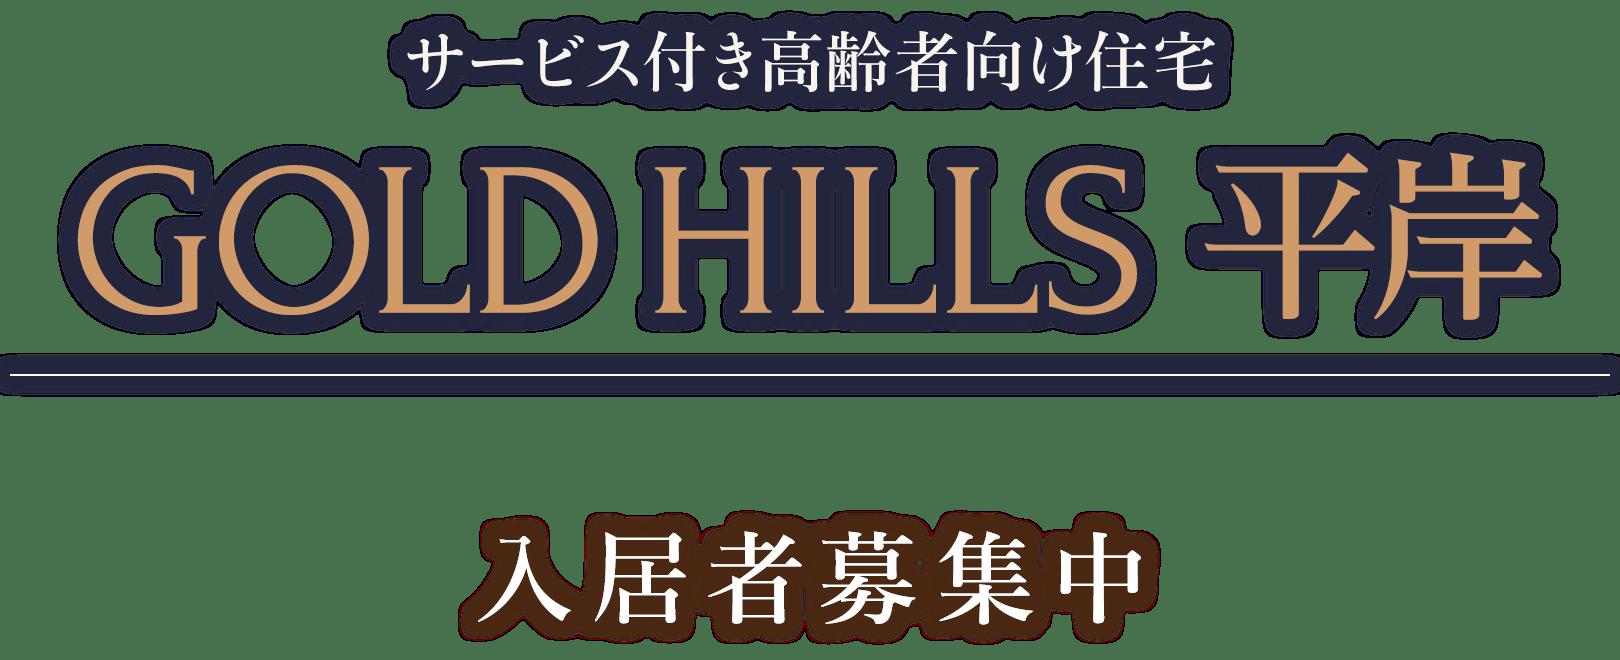 サービス付き高齢者住宅 GoldHills ゴールドヒルズ平岸